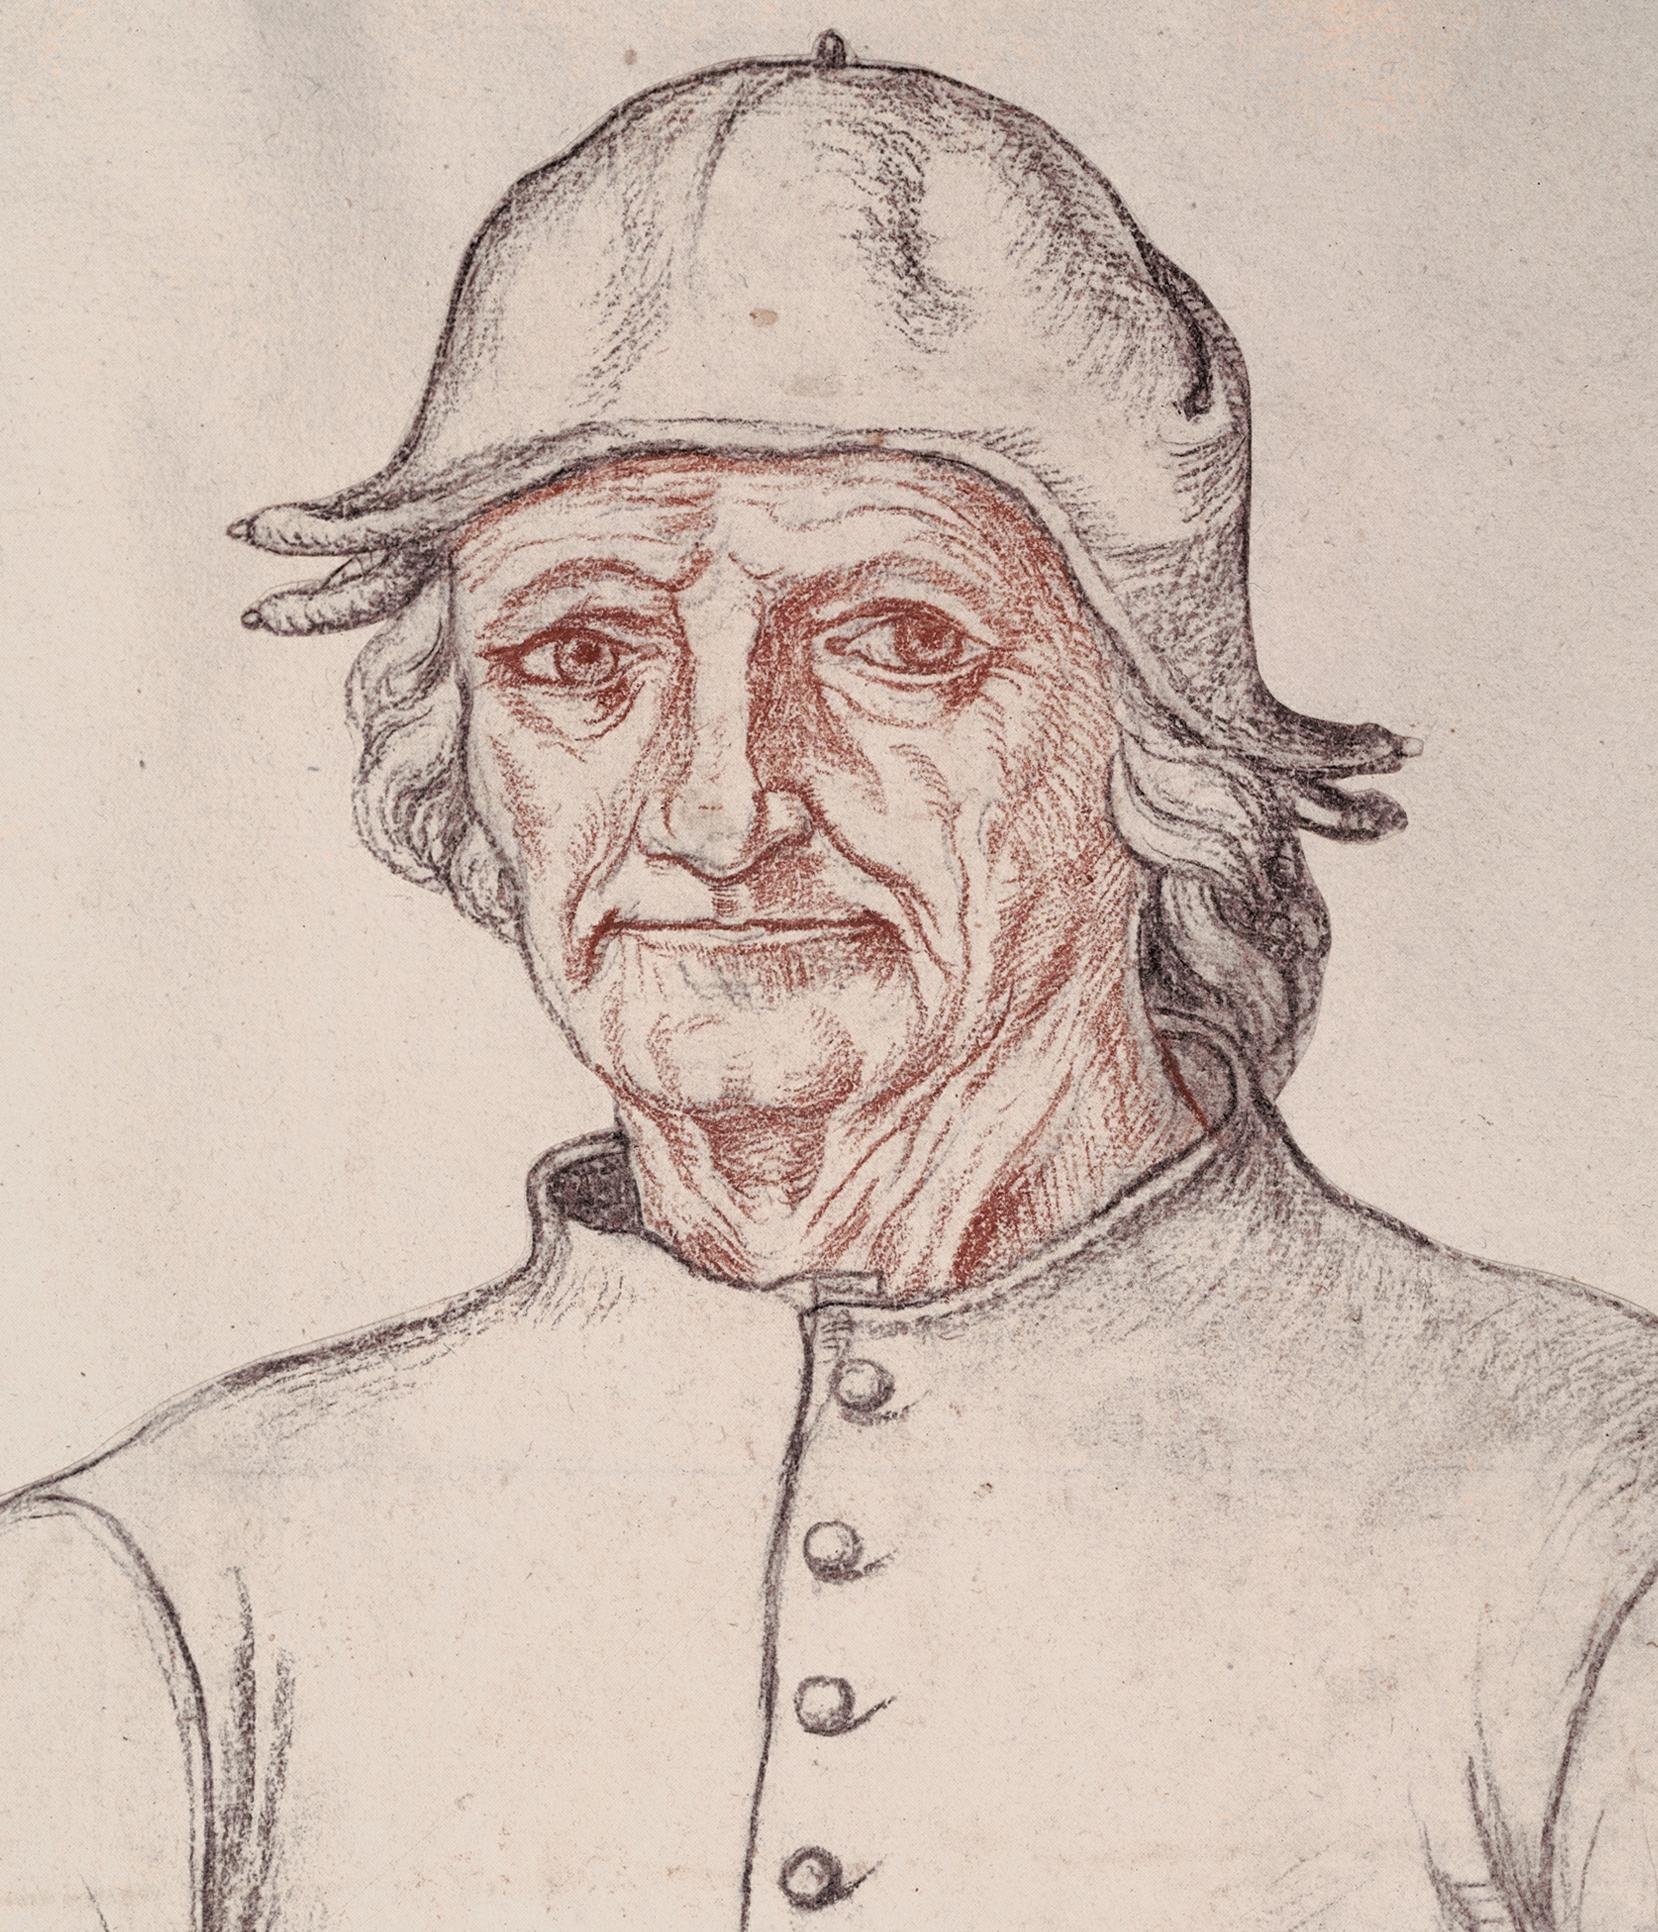 Ficheiro:Jheronimus Bosch (cropped).jpg